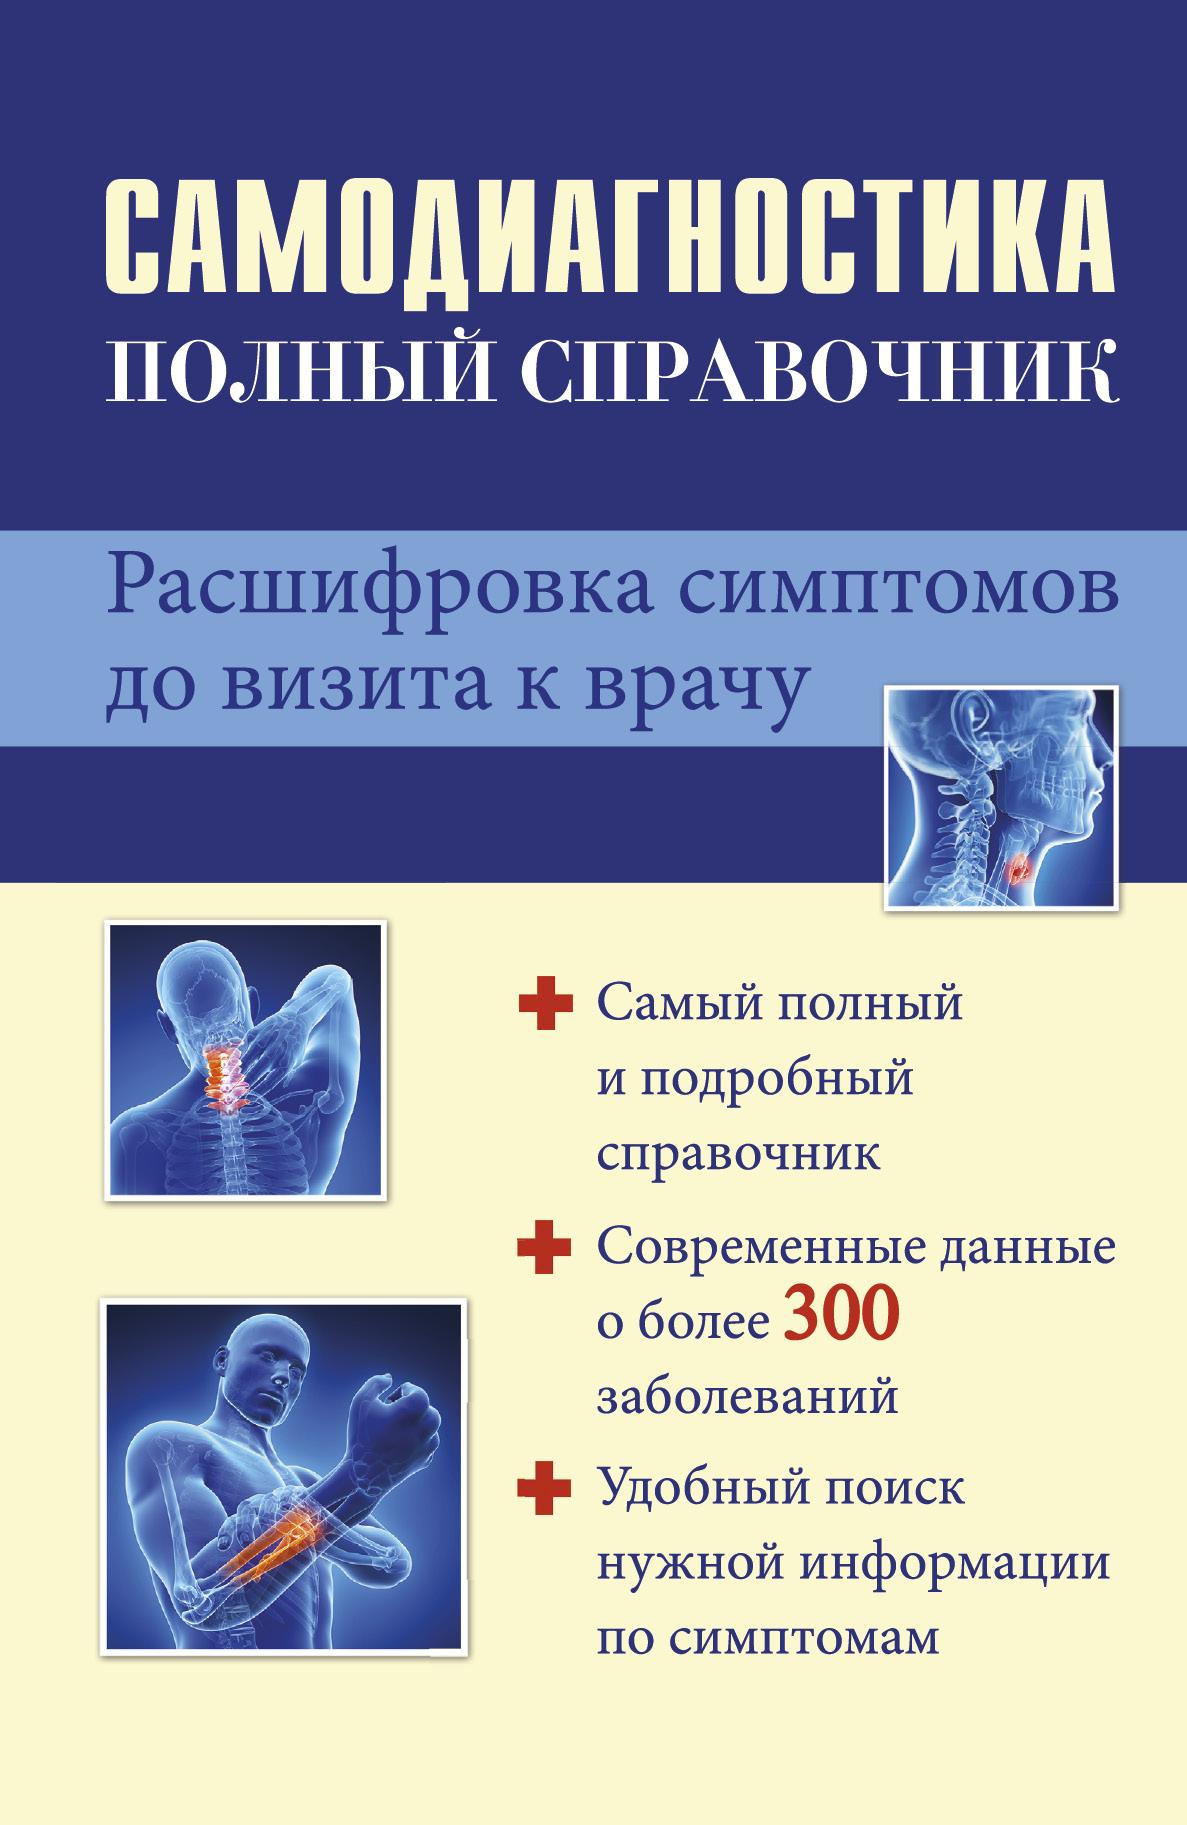 Самодиагностика. Полный справочник. Расшифровка симптомов до визита к врачу